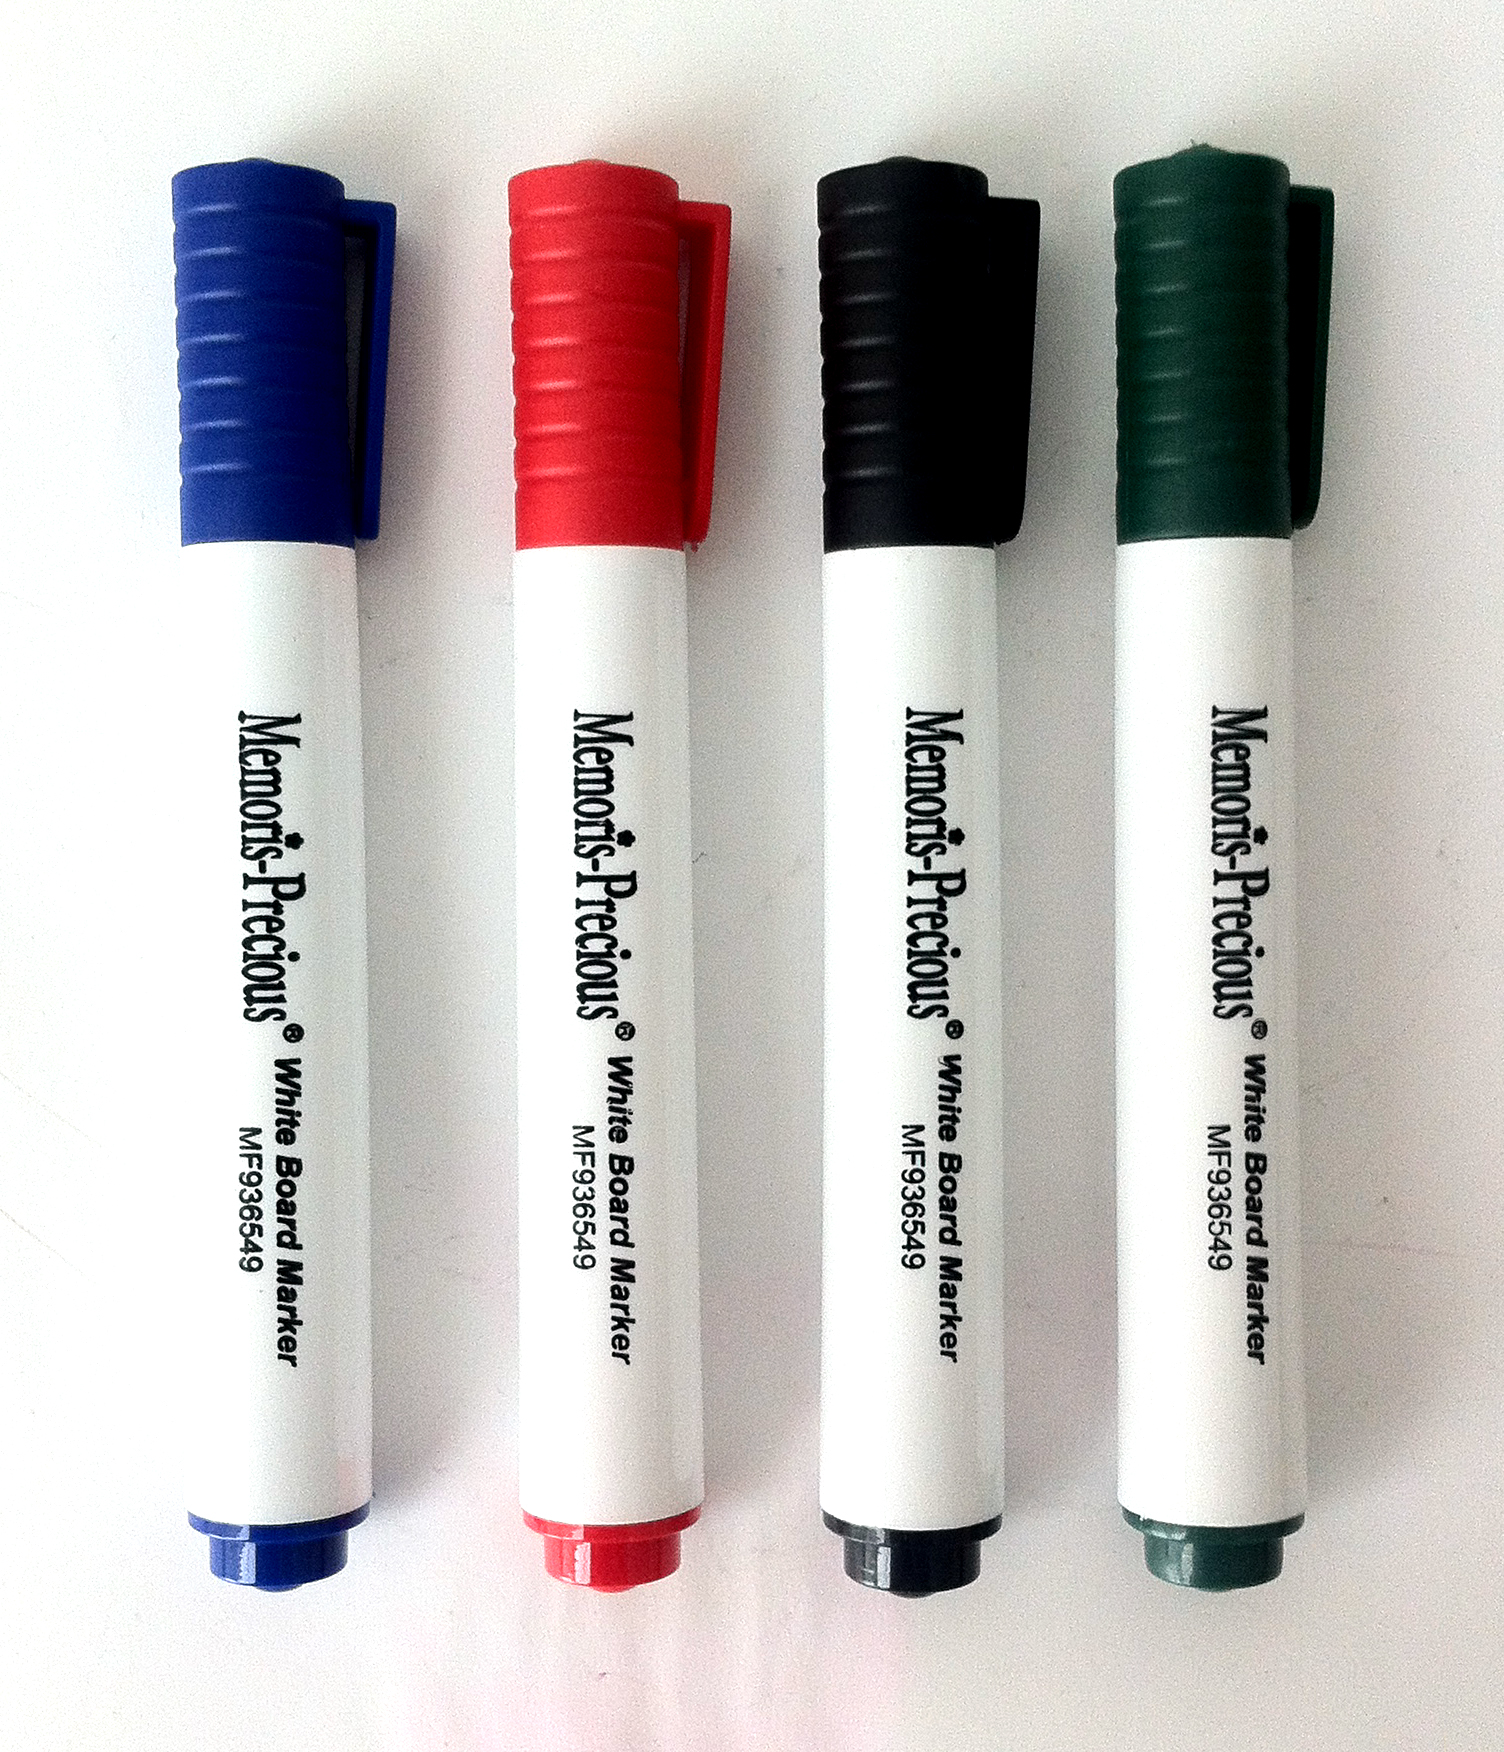 Flomaster za belu školsku tablu sa promenjivim uloškom (patronom) » Mem. – Precious « Image